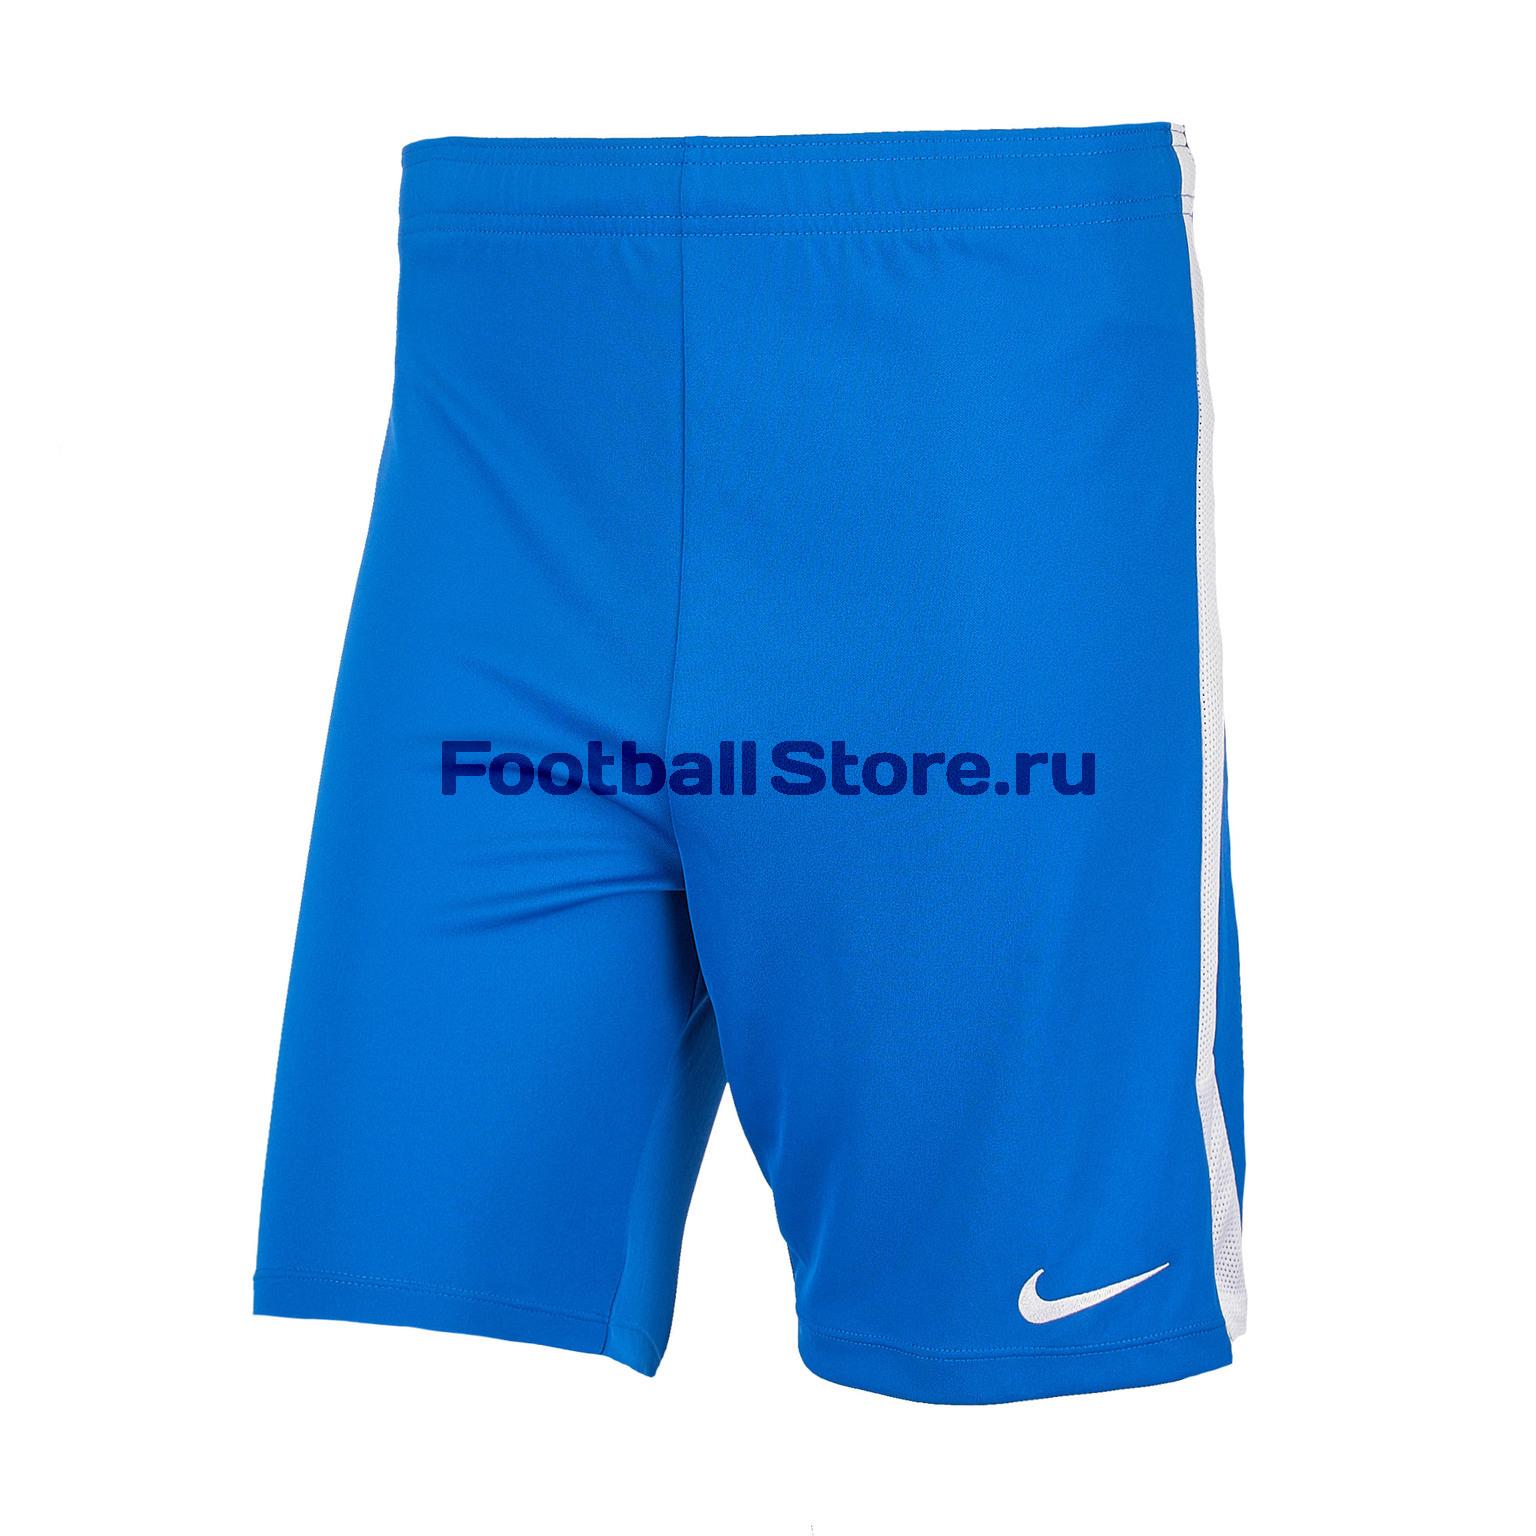 цена на Шорты игровые подростковые Nike Dry Classic Short AJ1239-463